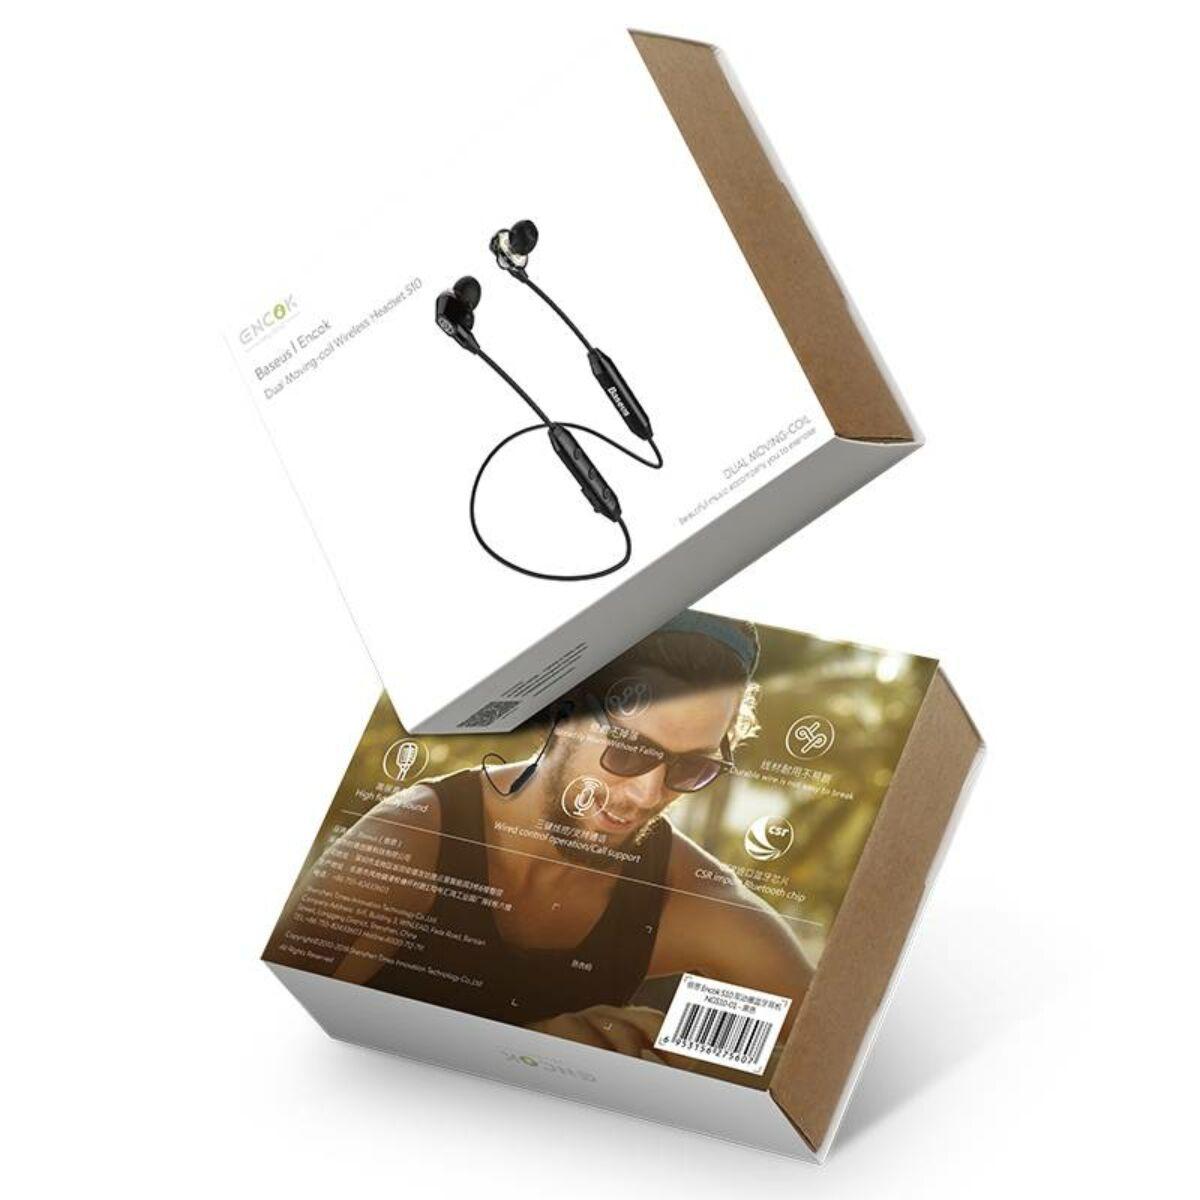 Baseus fülhallgató, Bluetooth Encok S10 Dual Moving-Coil vezeték nélküli headset, vezérlővel, fekete (NGS10-01)